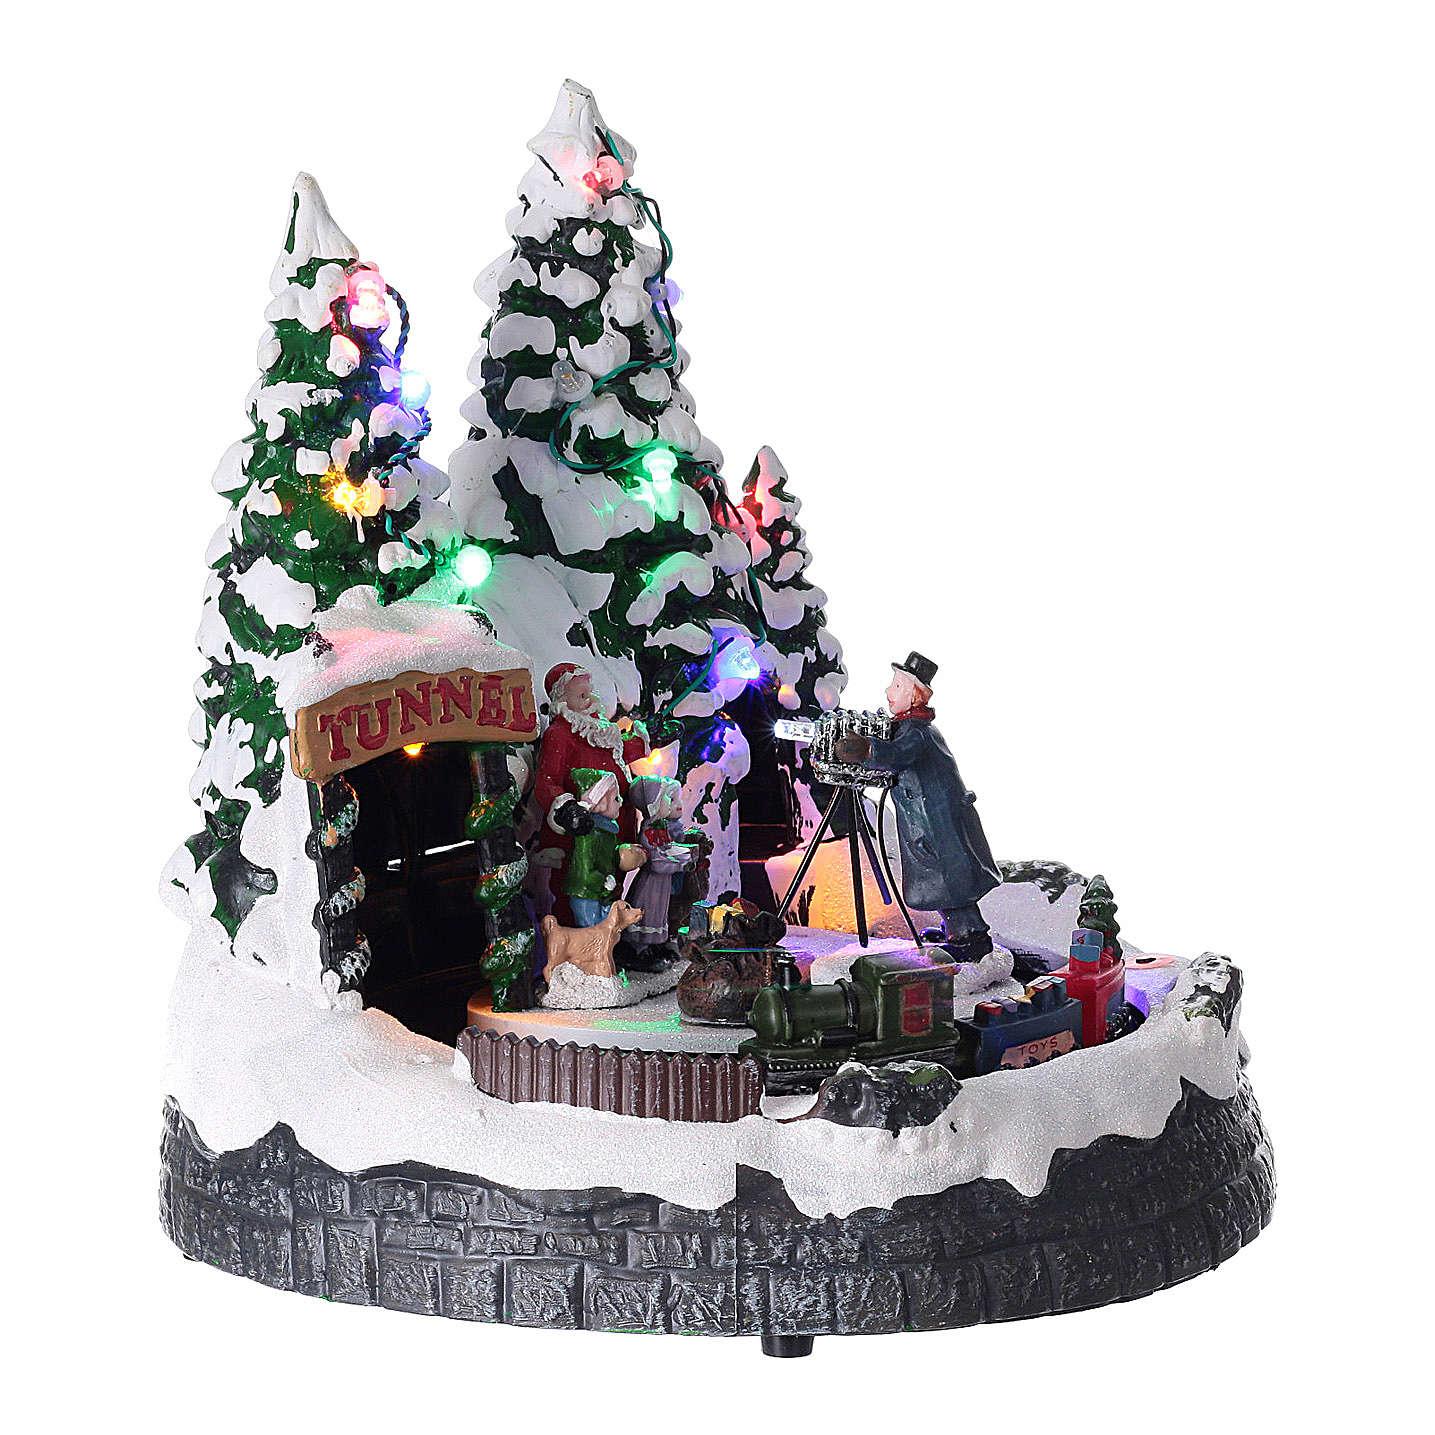 Villaggio natalizio luci musica 20x20x15 cm fotografo Babbo Natale bambini 3